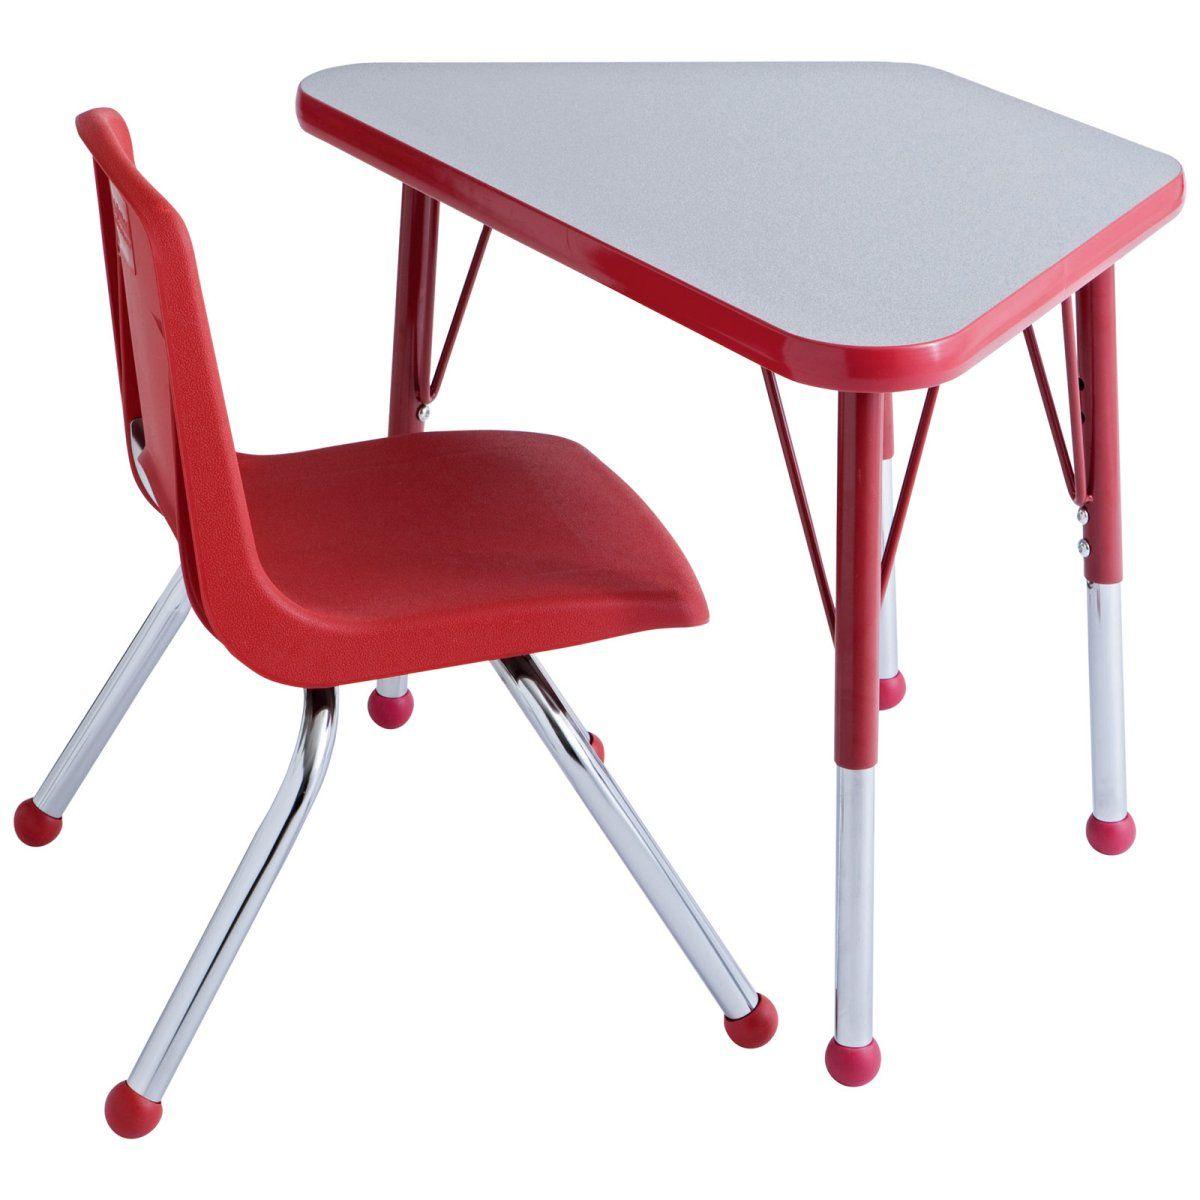 Toddler Desk Design Toddler Desk Cute Red  Furniture